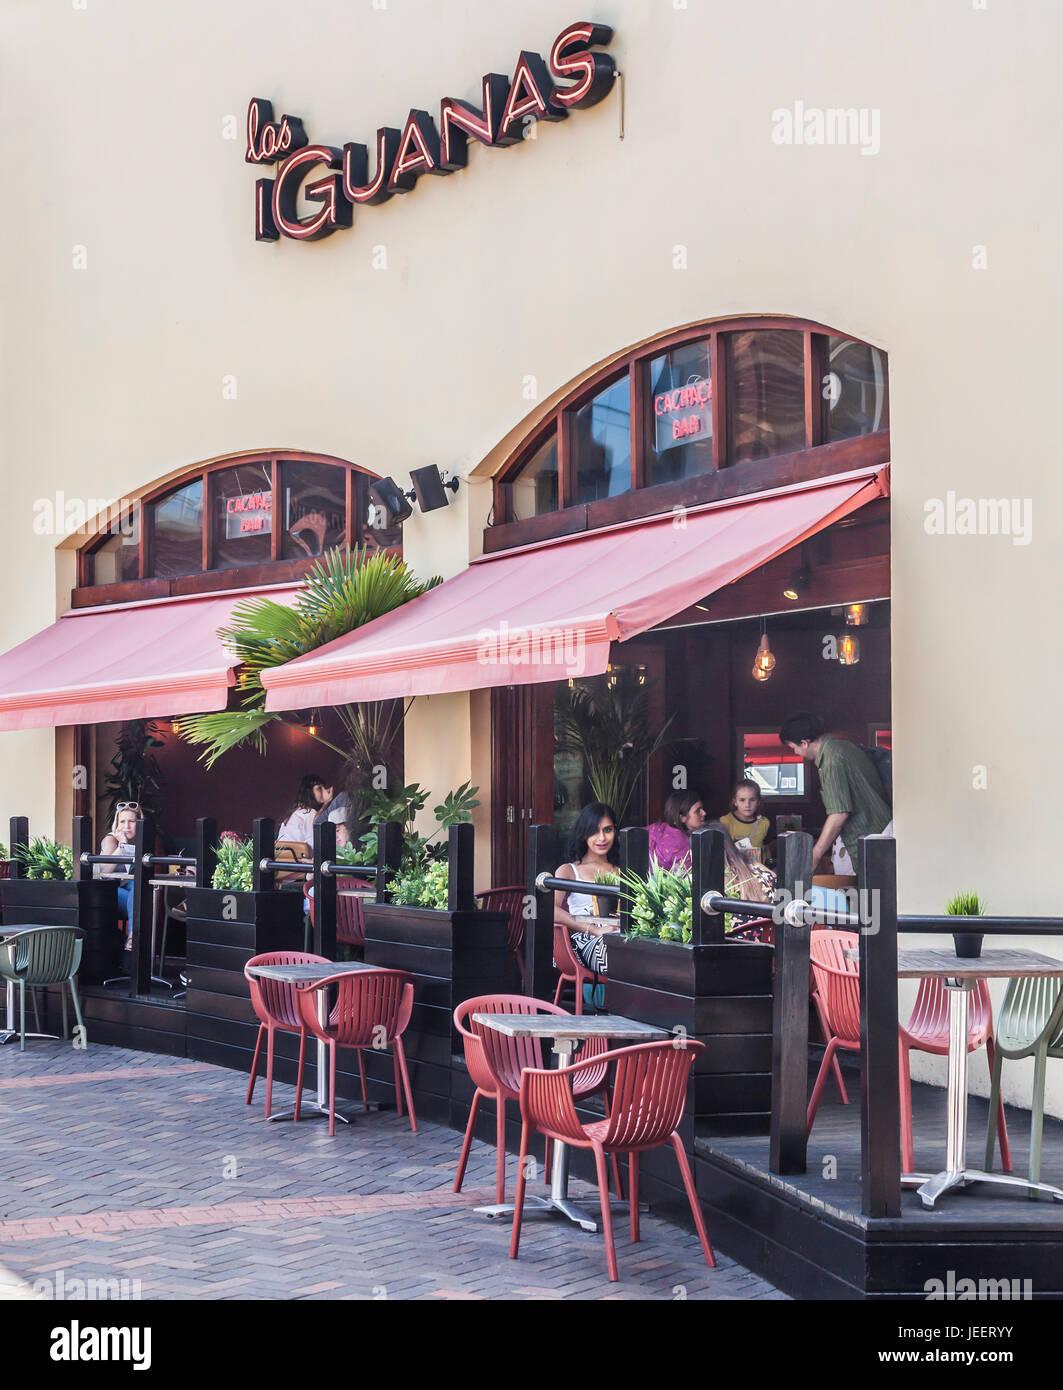 Innen- und Außengastronomie Bereich, Los Leguane South American Restaurant, Hurst St, Birmingham, England, Stockbild